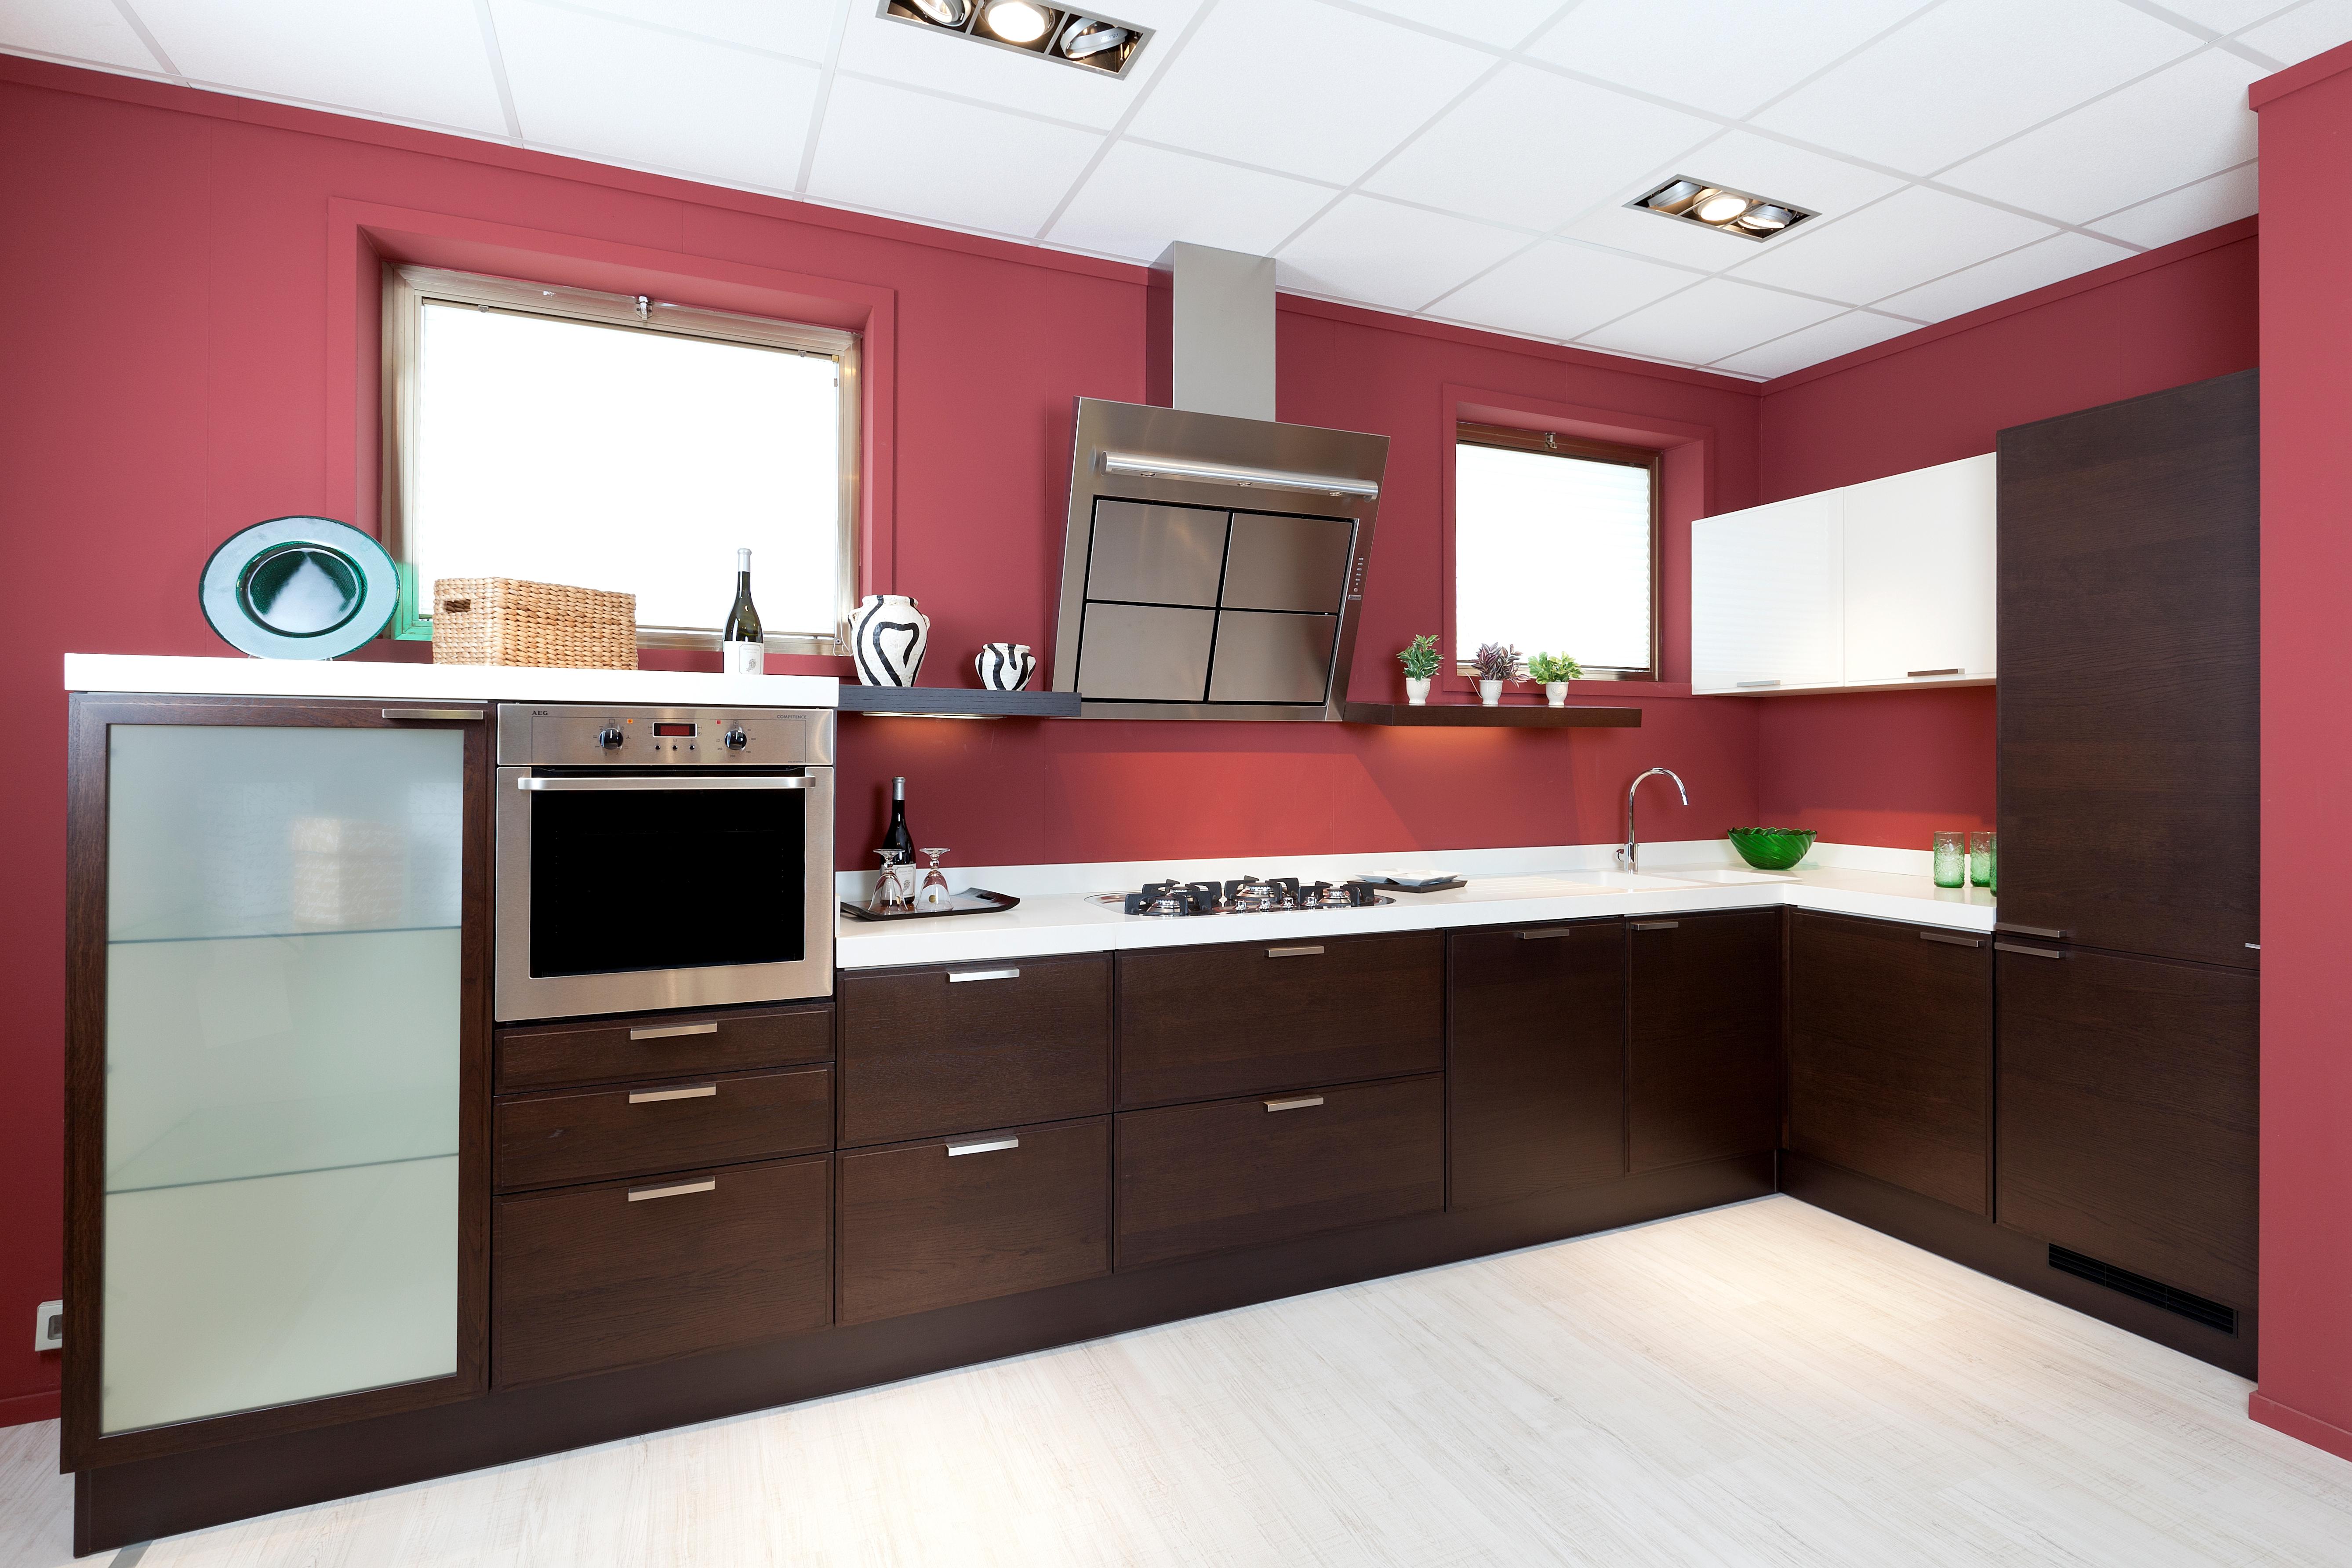 CUCINA SCAVOLINI OFFERTA GLAM Cucine A Prezzi Scontati #933A38 5351 3567 Cucine Moderne Ad Angolo Con Finestra